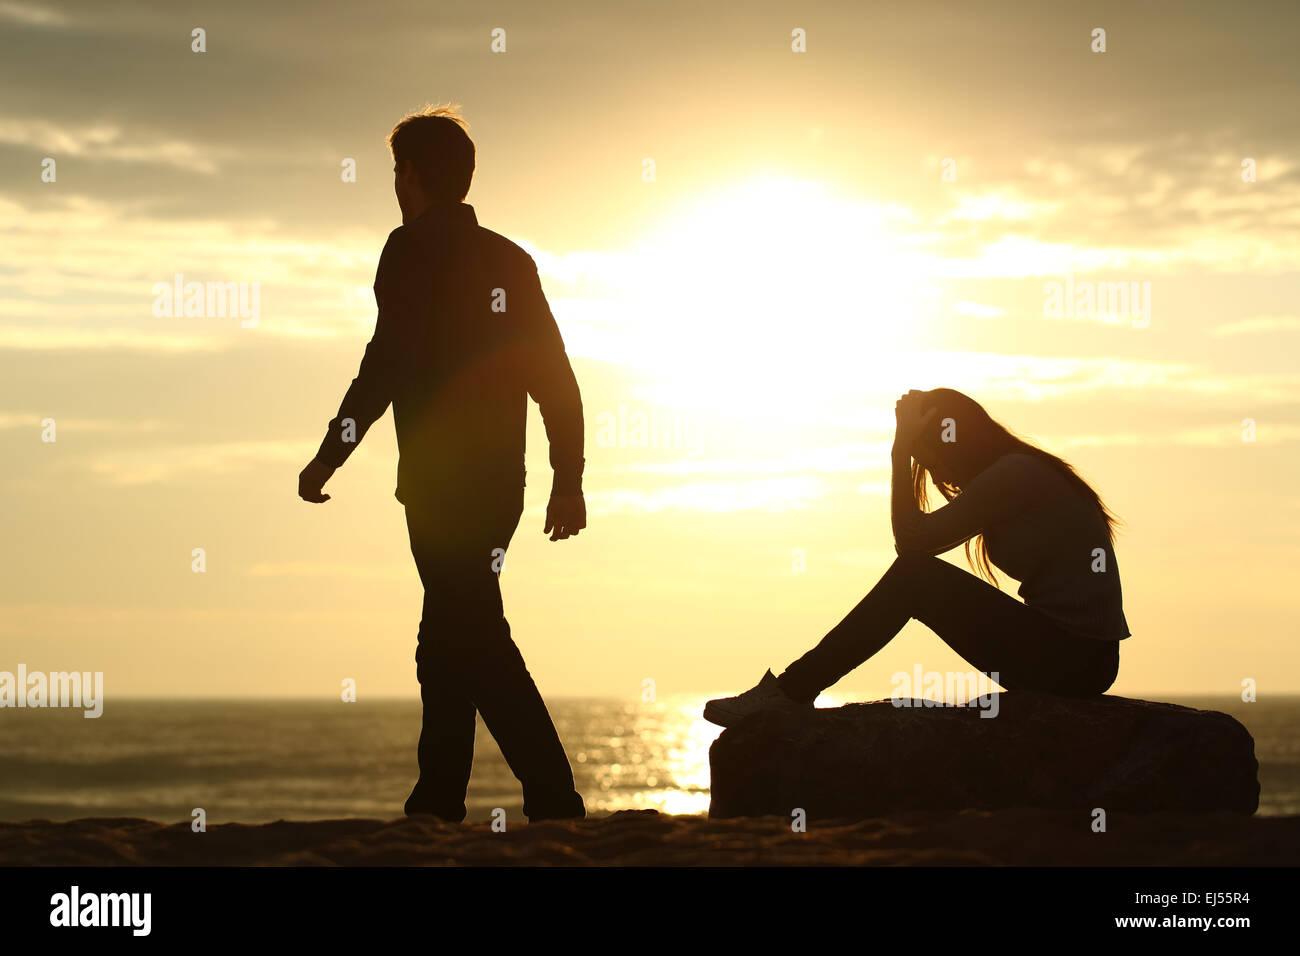 Paar Silhouette aufbrechen einer Beziehung am Strand bei Sonnenuntergang Stockbild